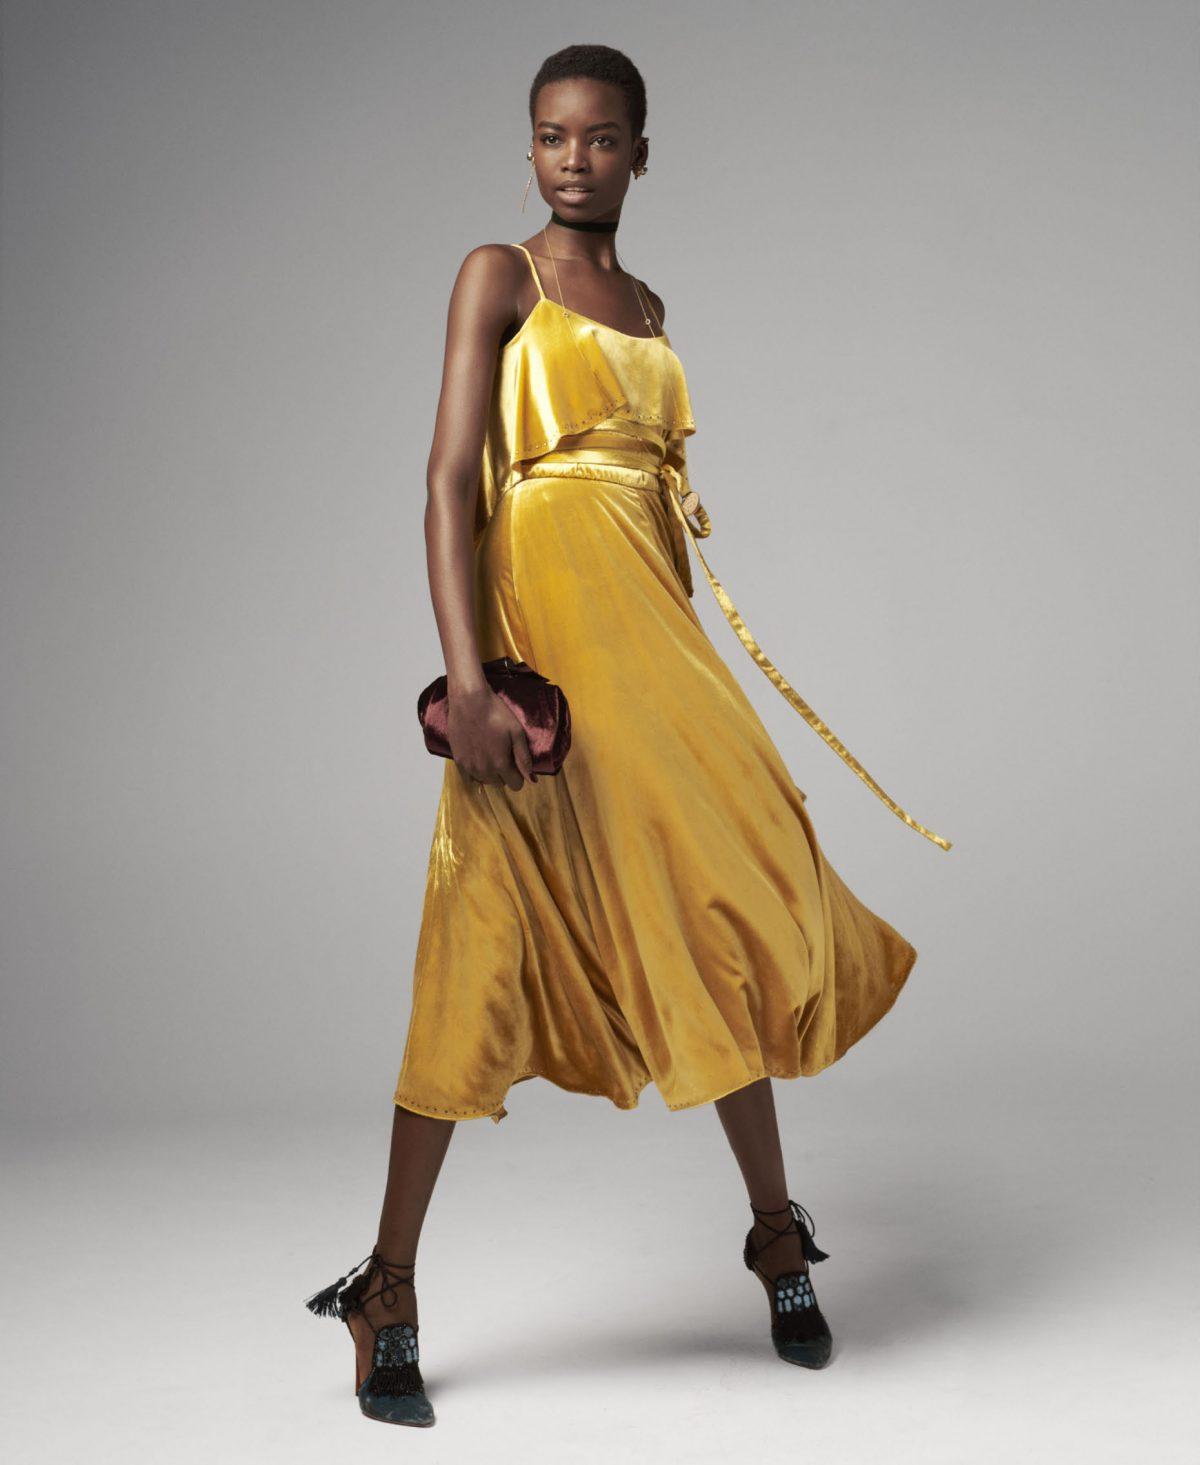 Quer lançar a sua carreira no mundo da moda?